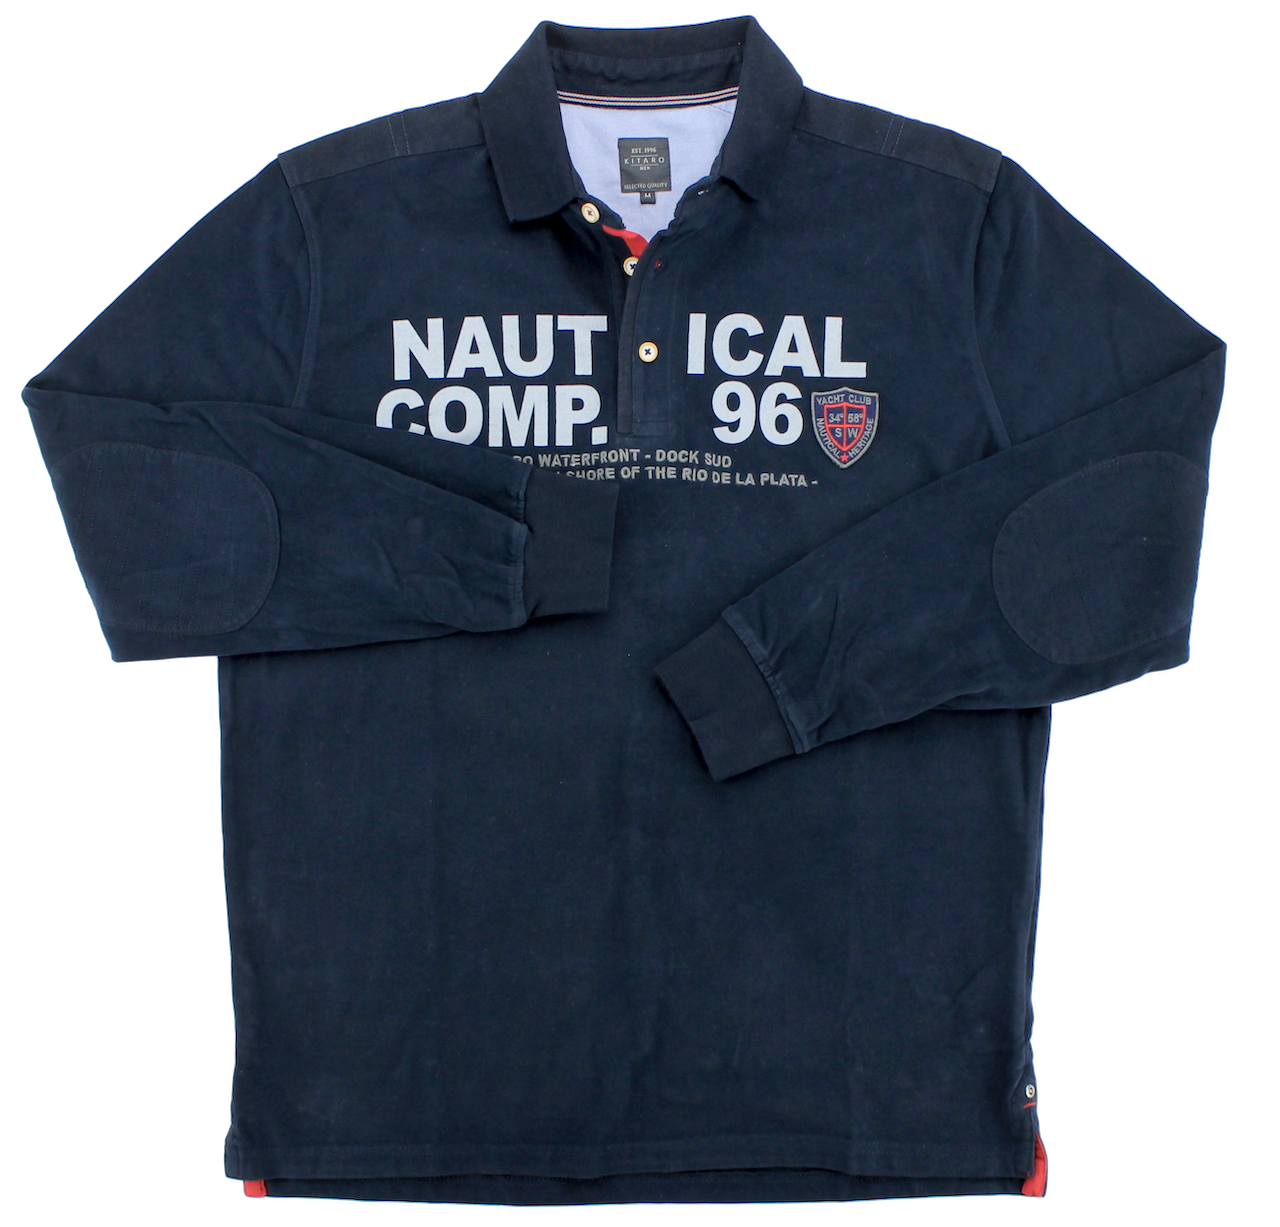 exzellente Qualität heiße neue Produkte elegant im Stil Poloshirts - langarm